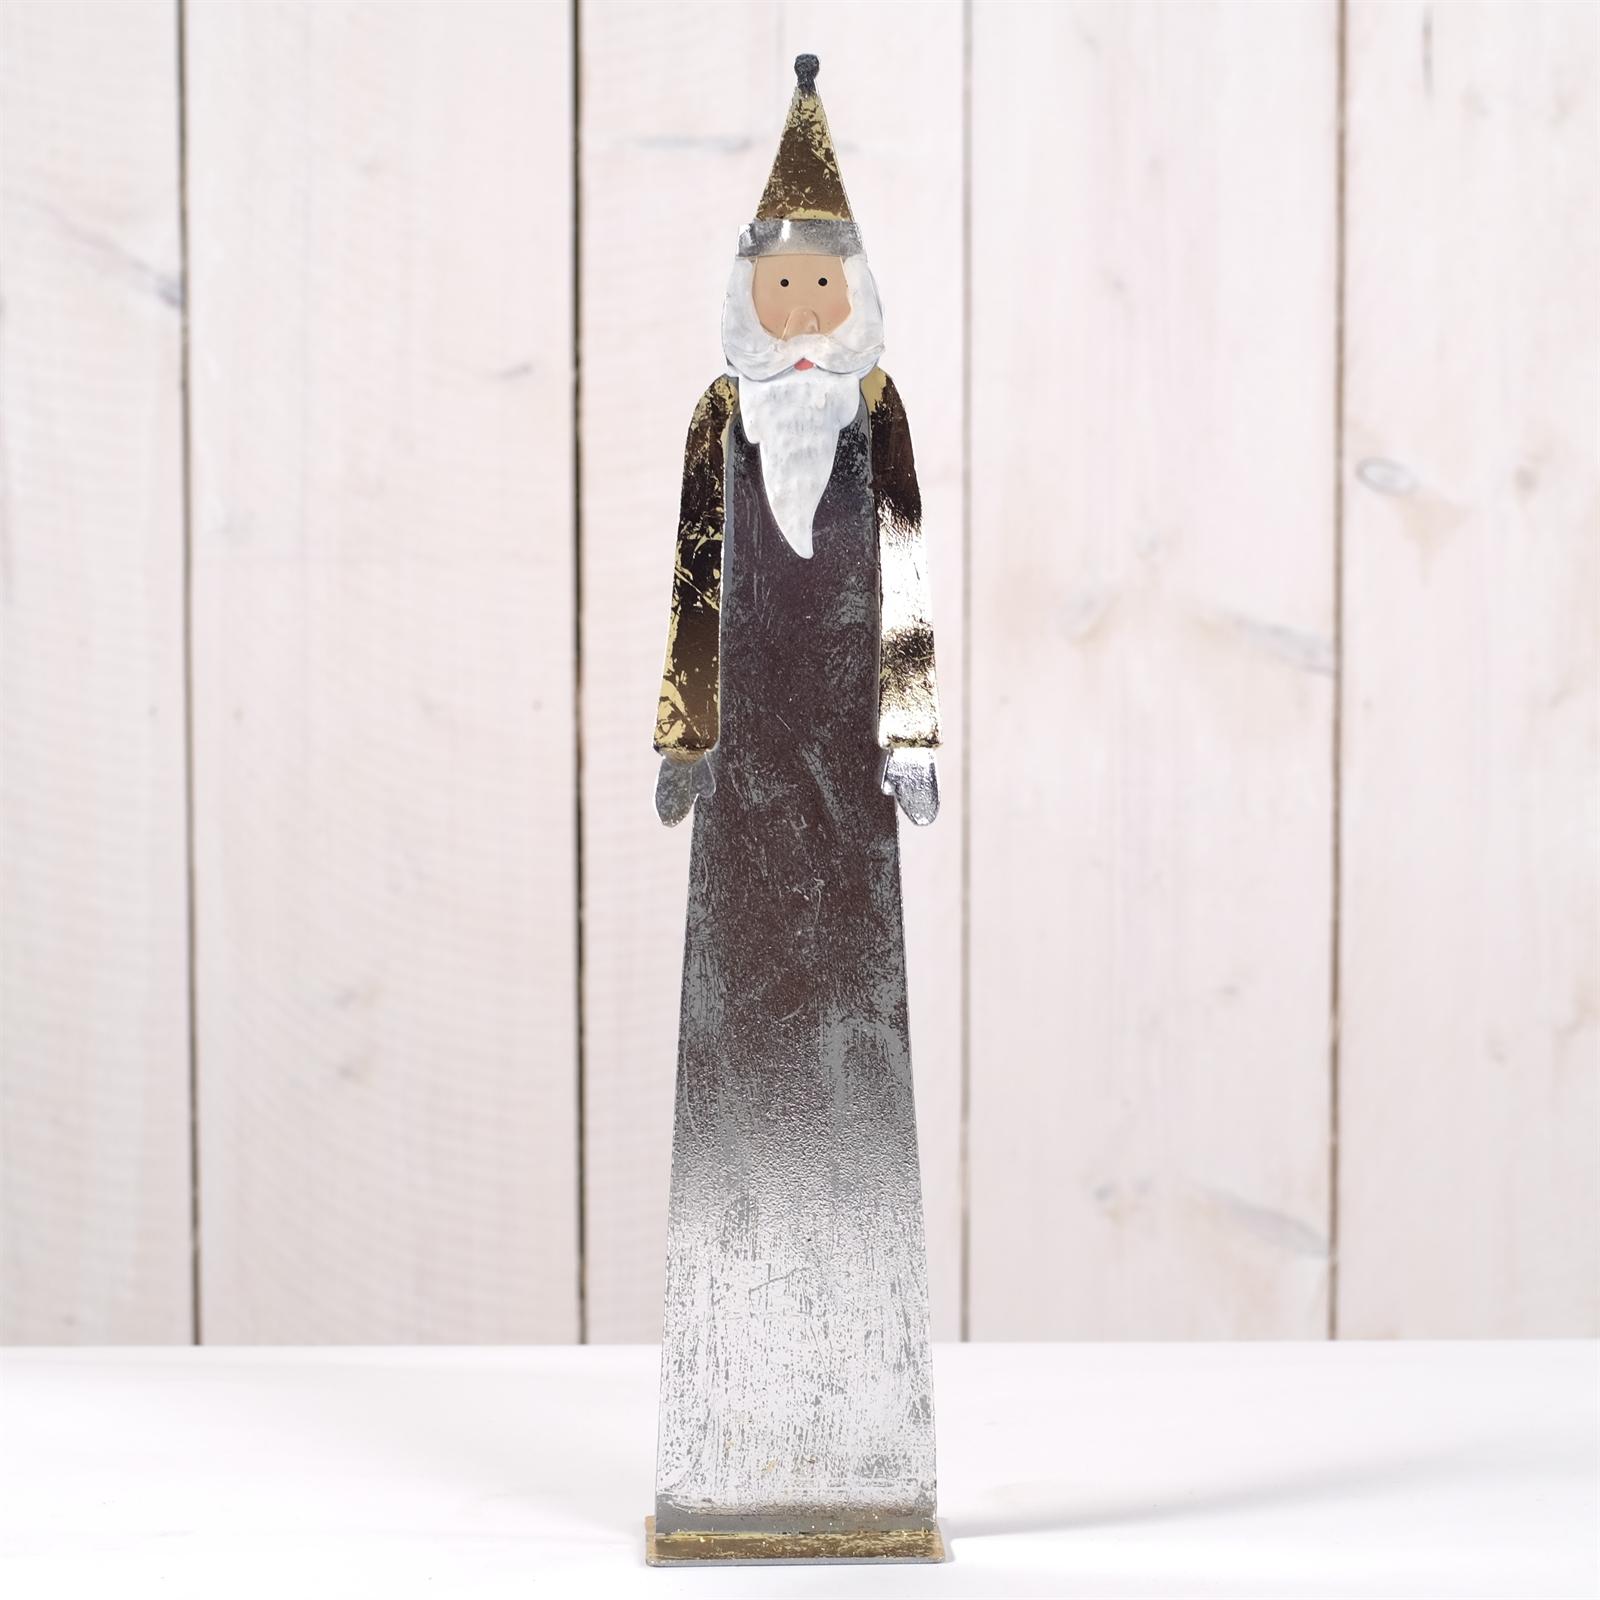 deko figur nikolaus weihnachtsmann 41 cm metall silber. Black Bedroom Furniture Sets. Home Design Ideas